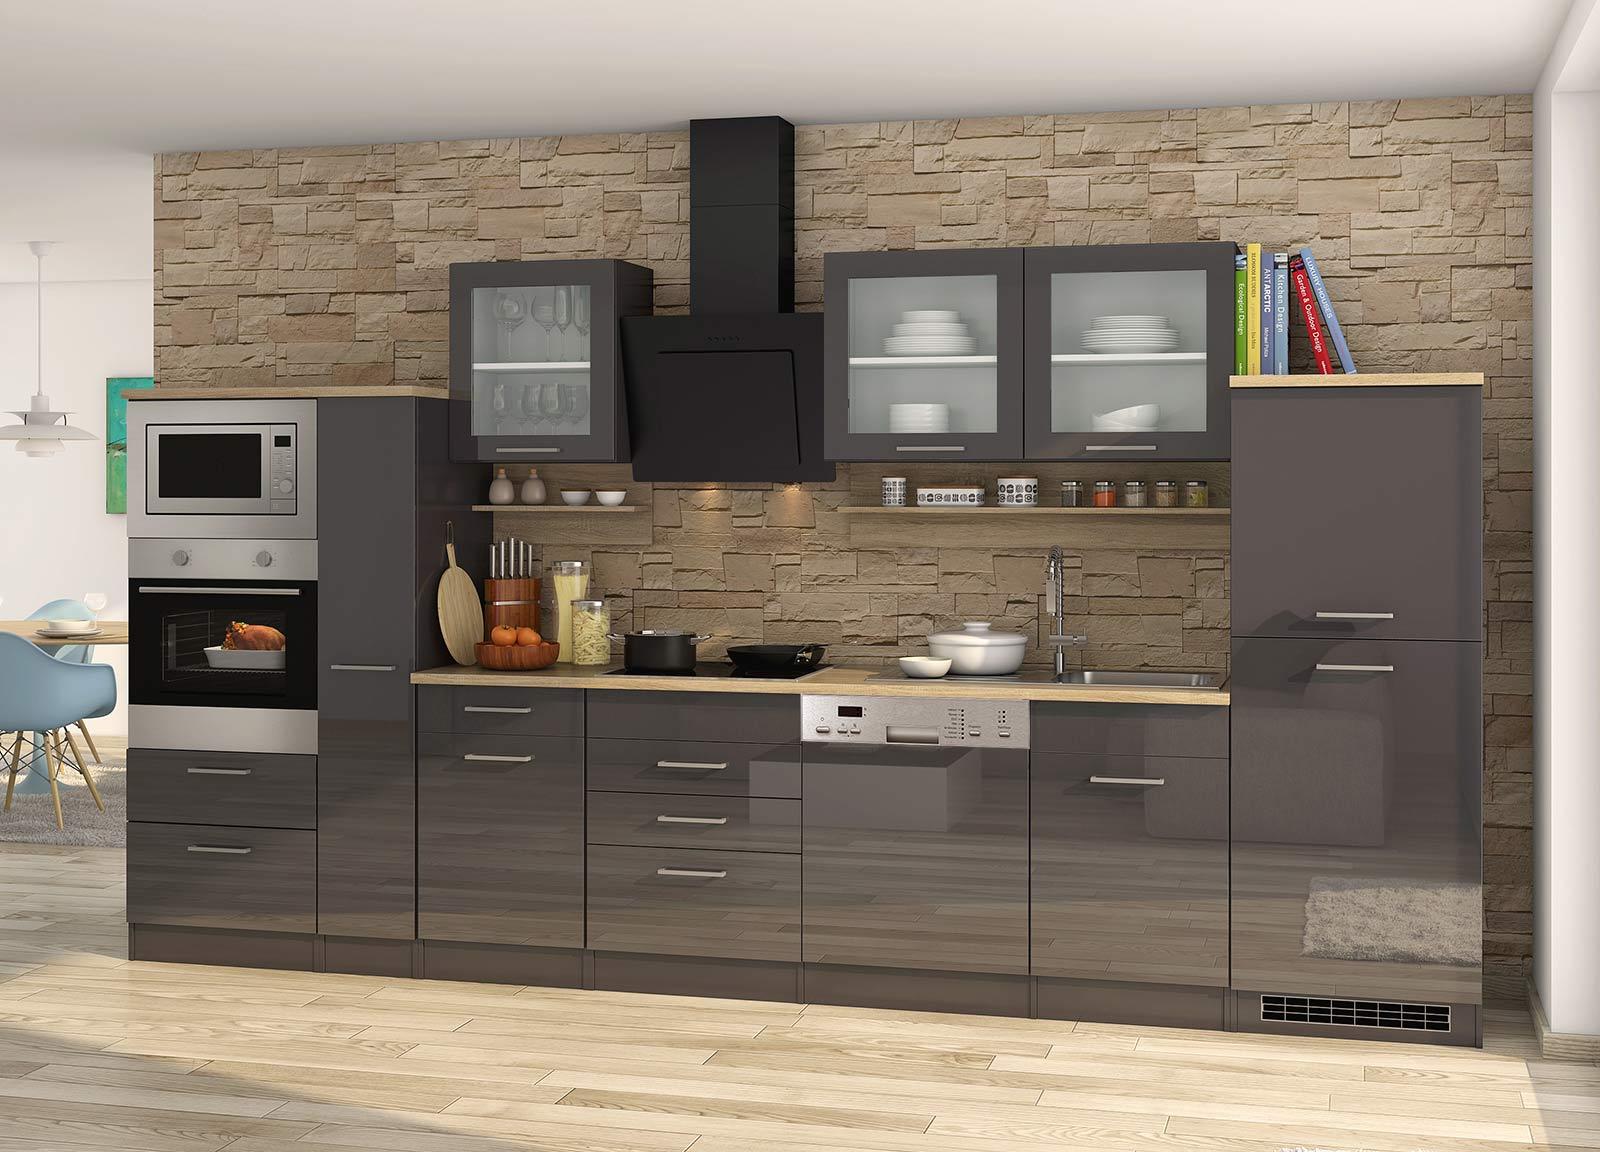 Lifestyle4Living Küchenblock, grau Hochglanz, Stellmaß: ca. 370 cm, mit Elektrogeräten inkl. Geschirrspüler und Mikrowelle